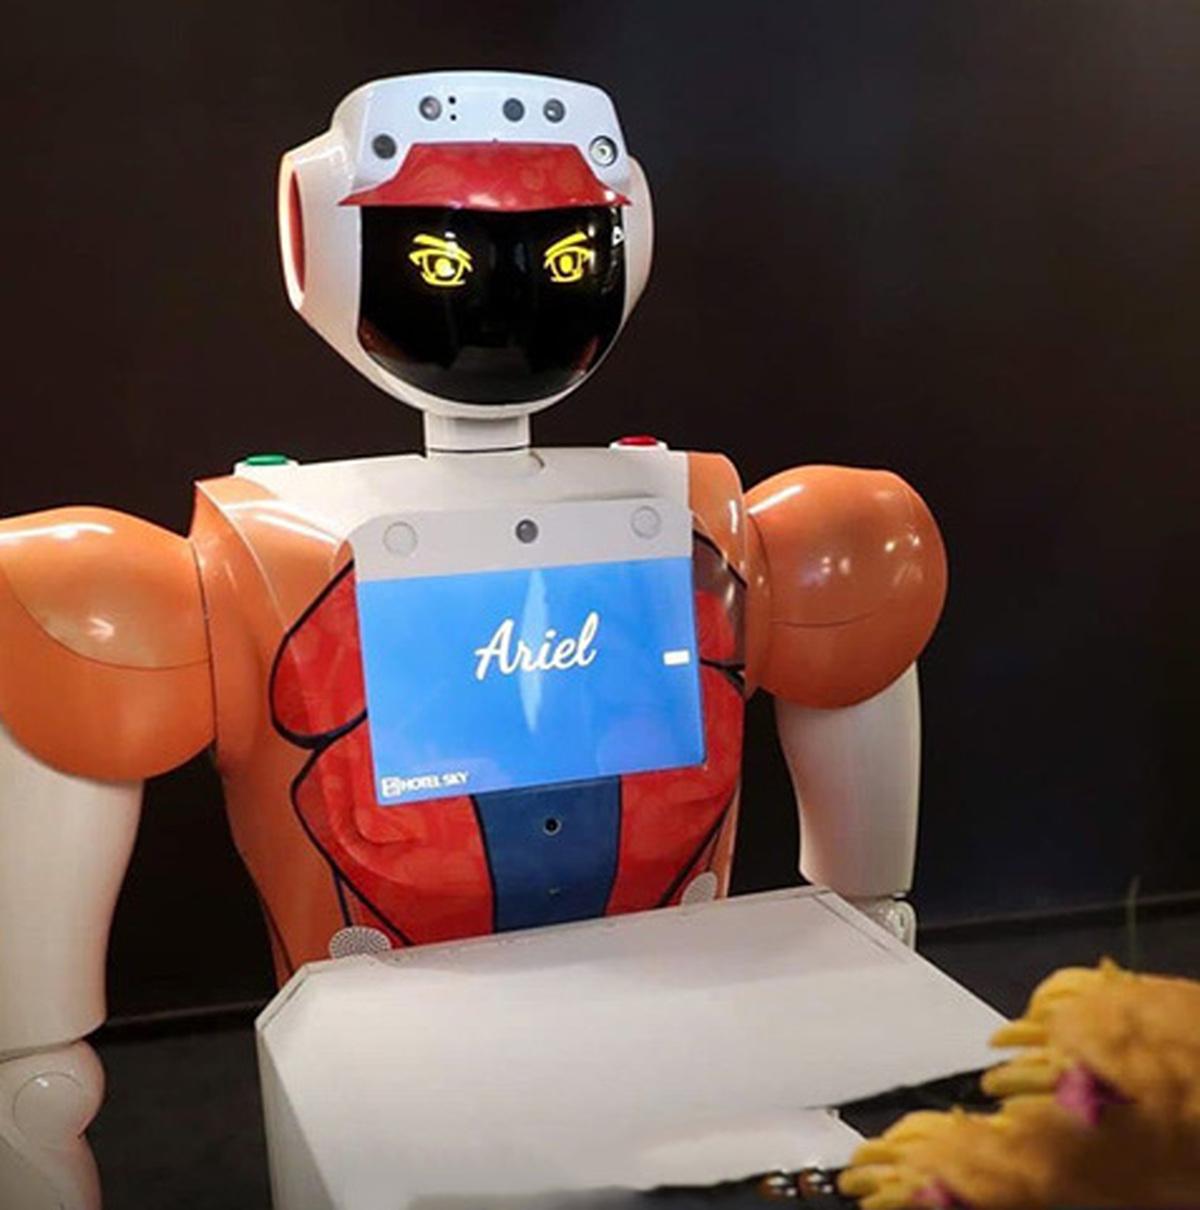 ماجرای روبات های پیش خدمت| ربات هایی که در آفریقا پیش خدمت شدند